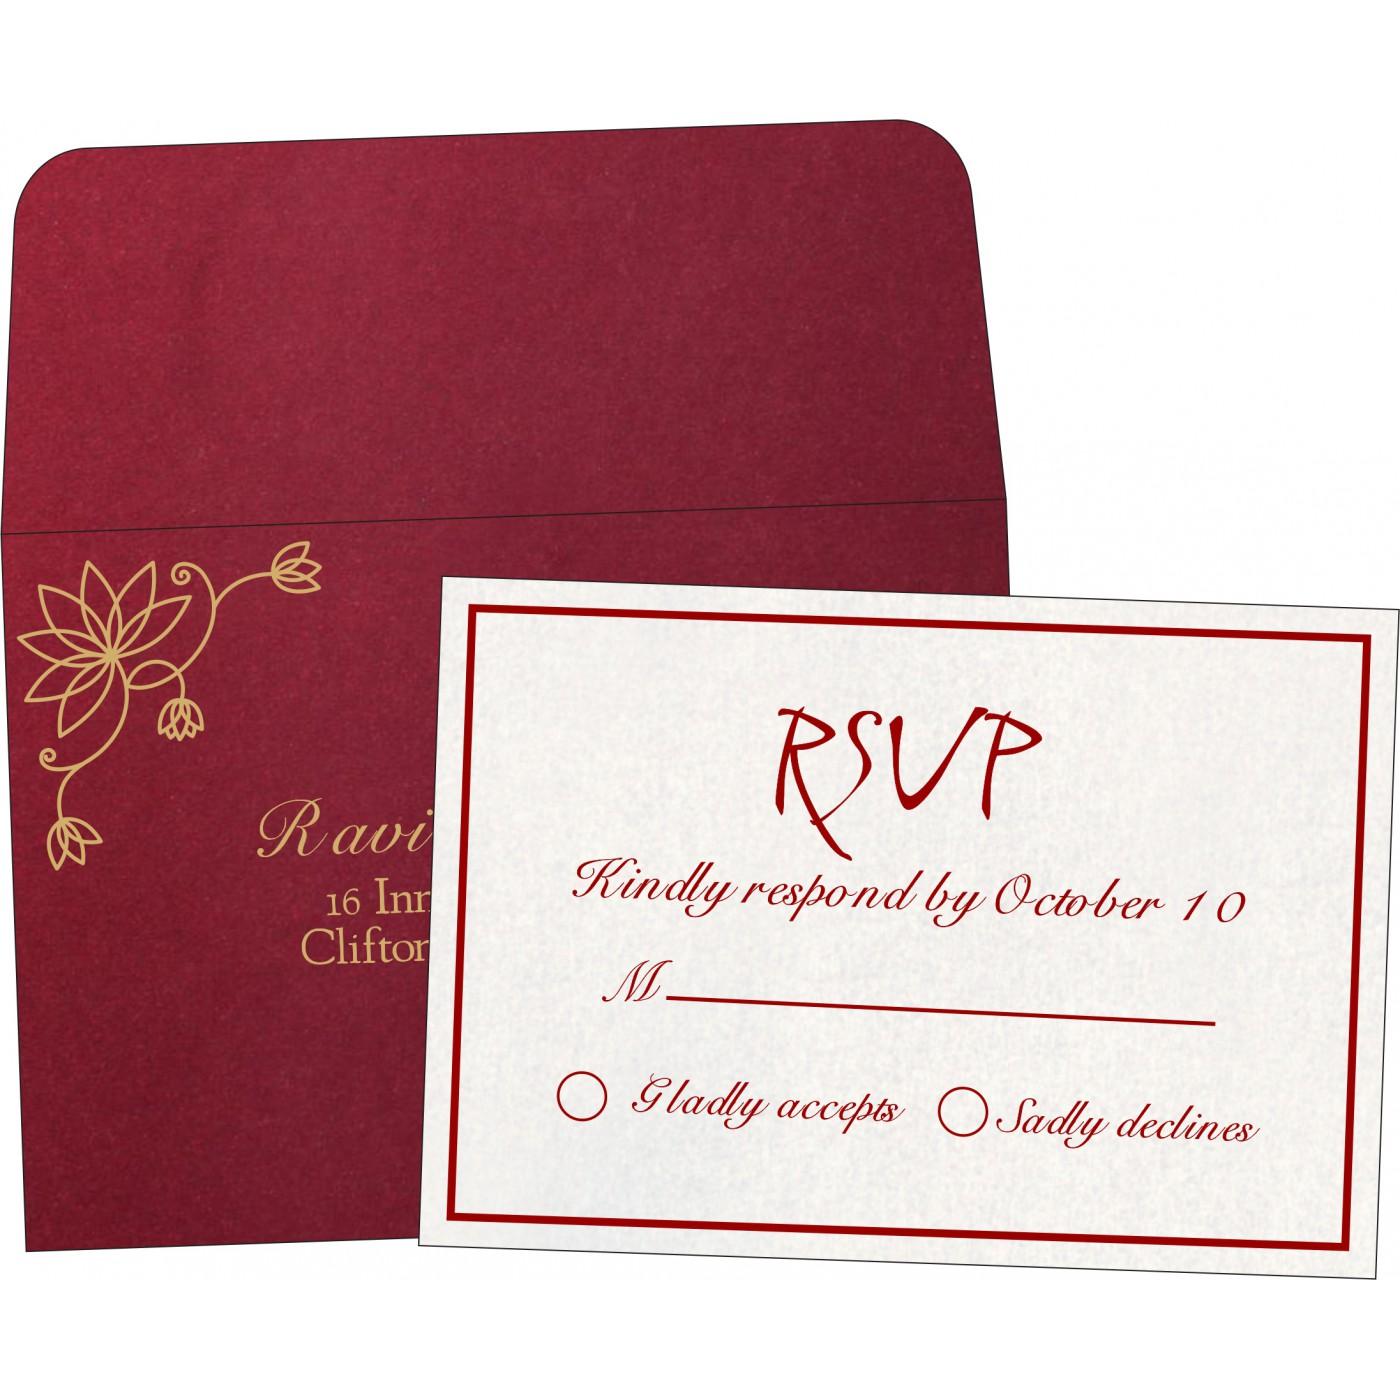 RSVP Cards - RSVP-8251L